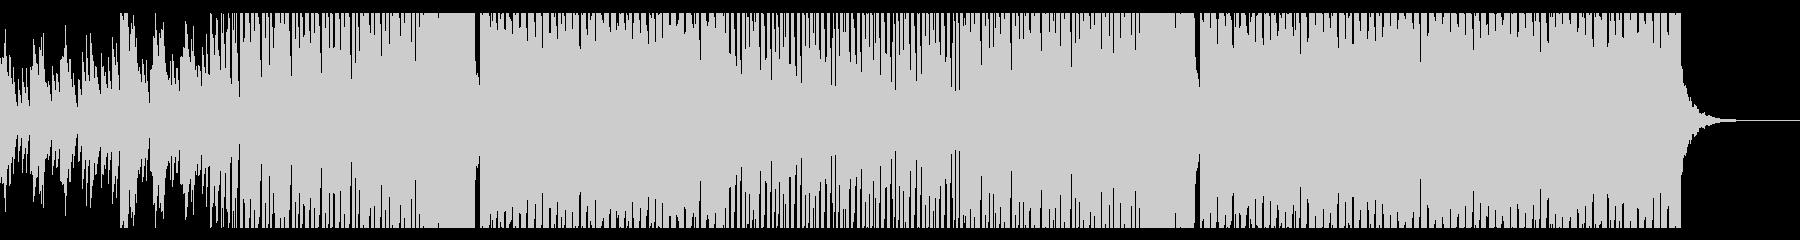 おしゃれなイメージのDancemusicの未再生の波形